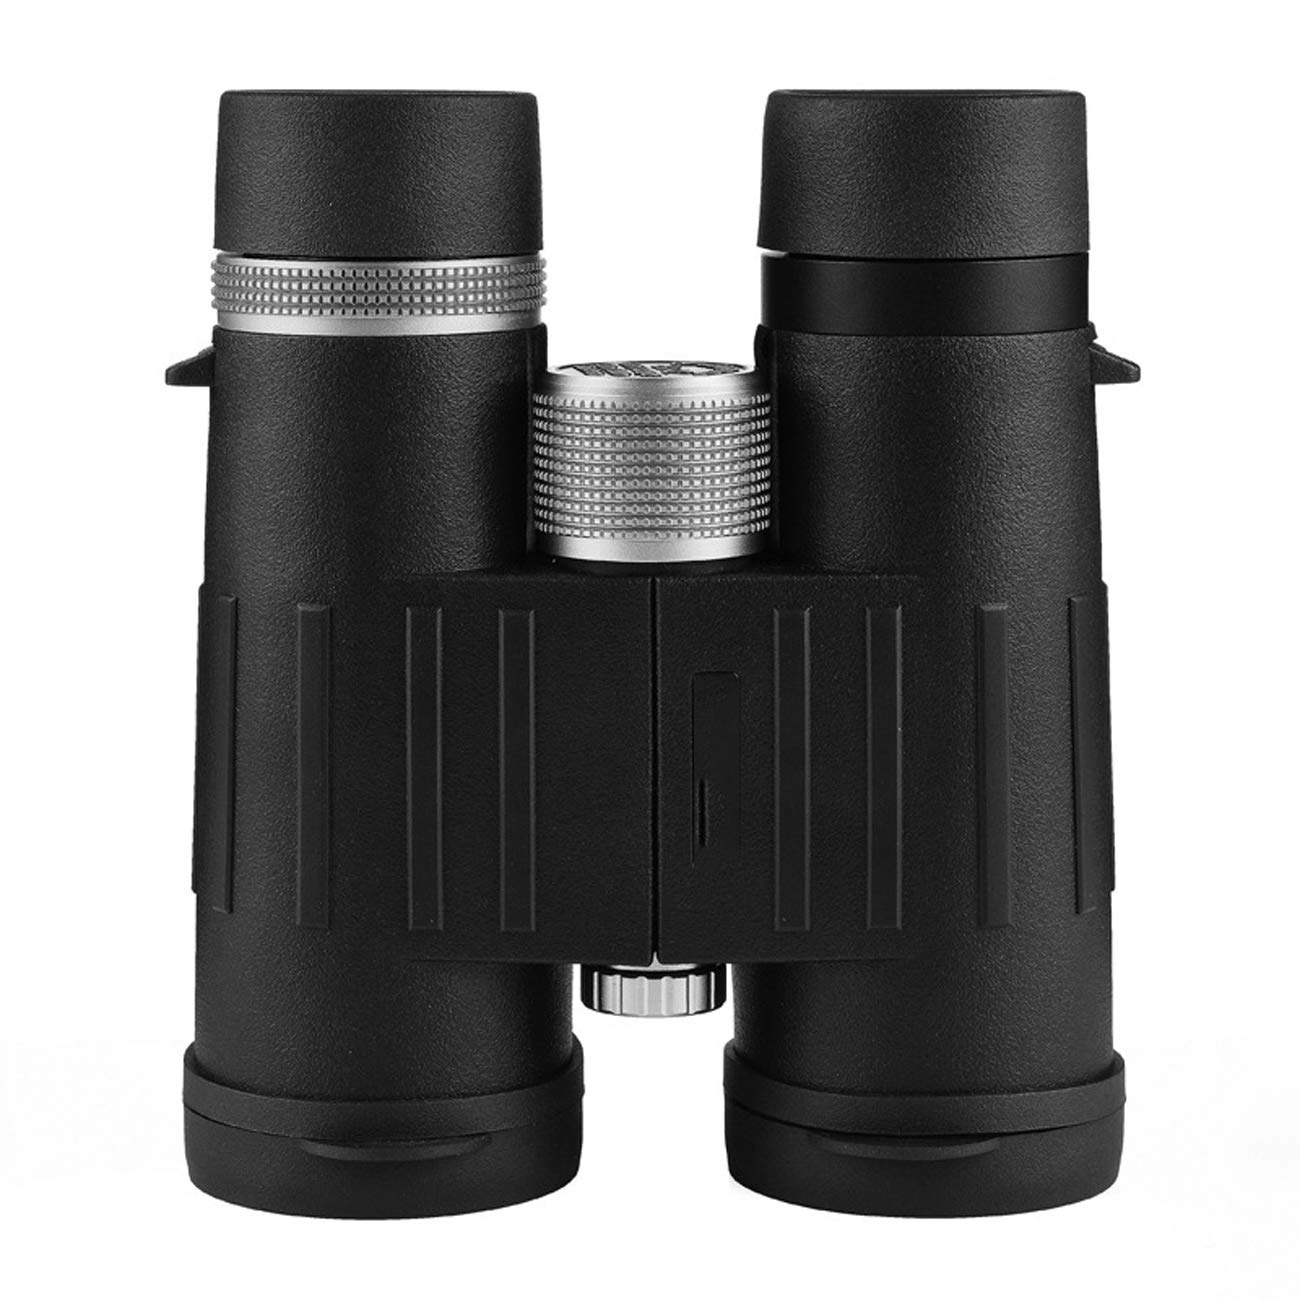 日本最大の 8X42コンパクトミニ双眼鏡ナイトビジョン強力な折りたたみ式望遠鏡、クリーニング布と持ち運び用バッグアダルトキッズズームと天文学のための軽量小型双眼鏡 B07MDBPMSD, 草加市:27165f58 --- a0267596.xsph.ru